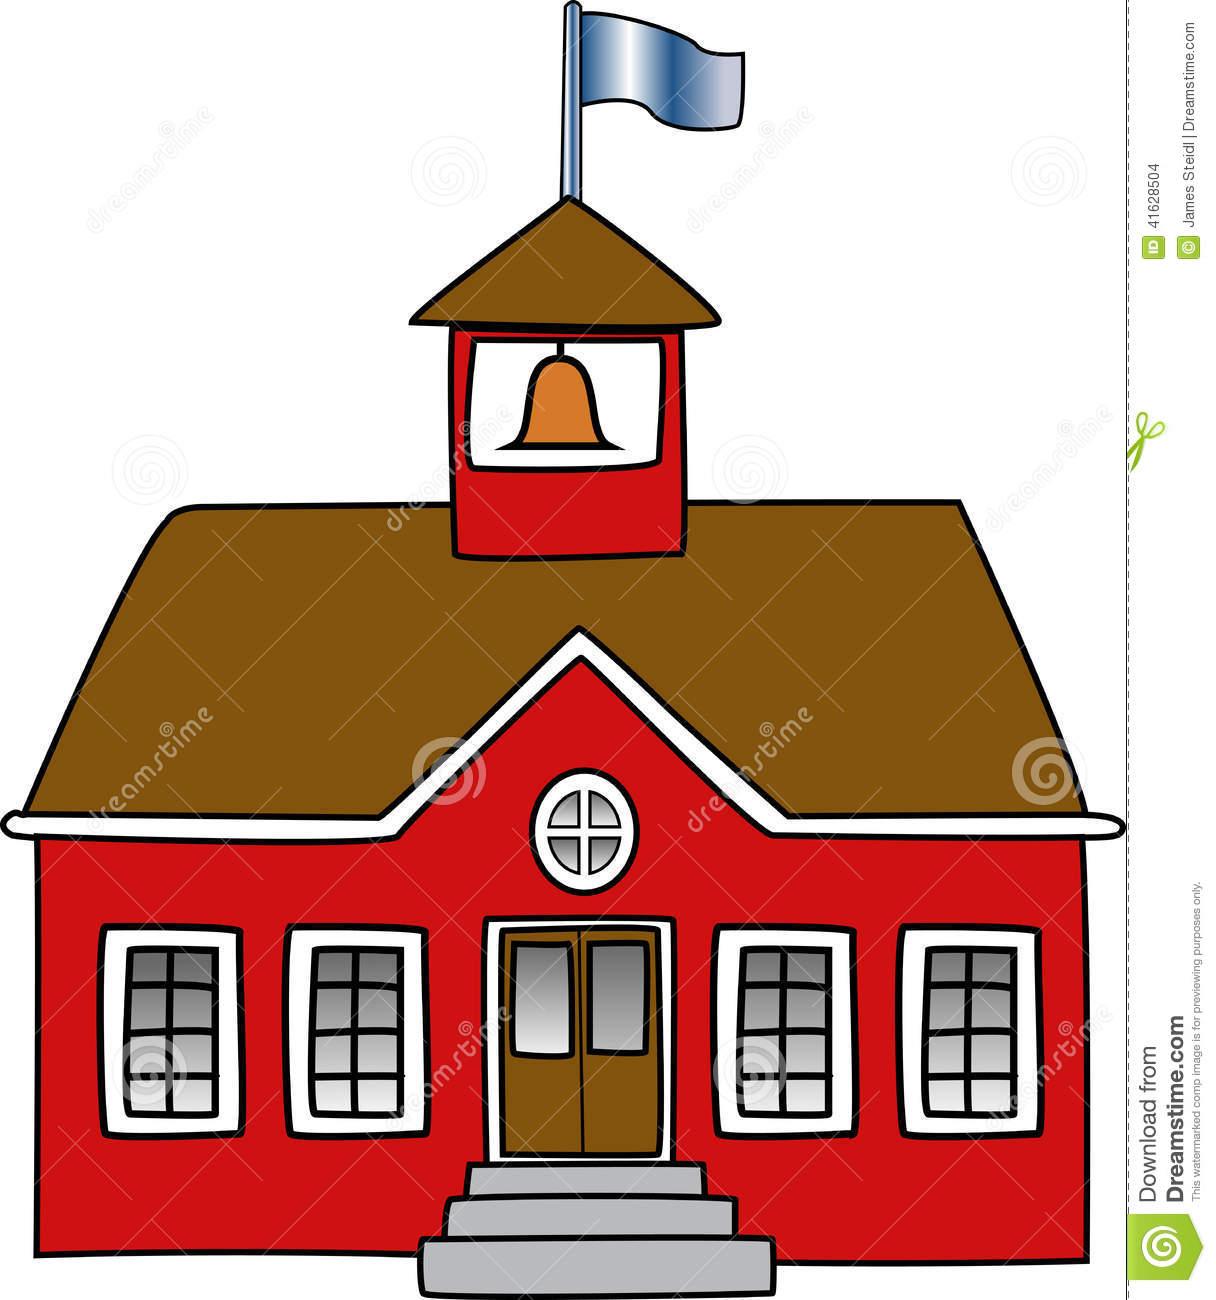 Barangay Hall Clipart.